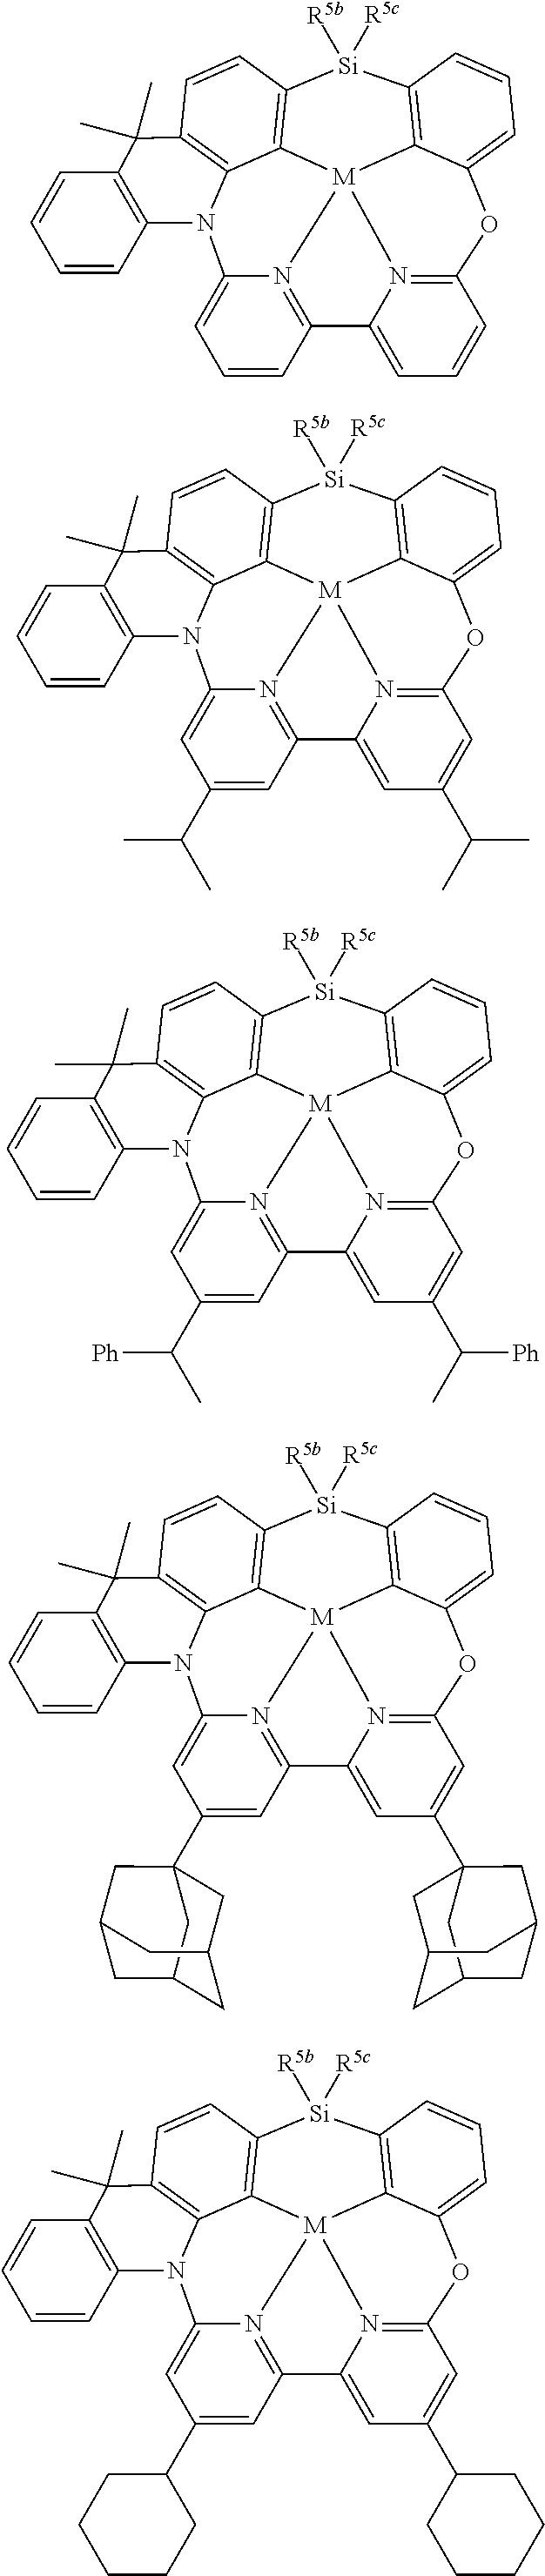 Figure US10158091-20181218-C00126